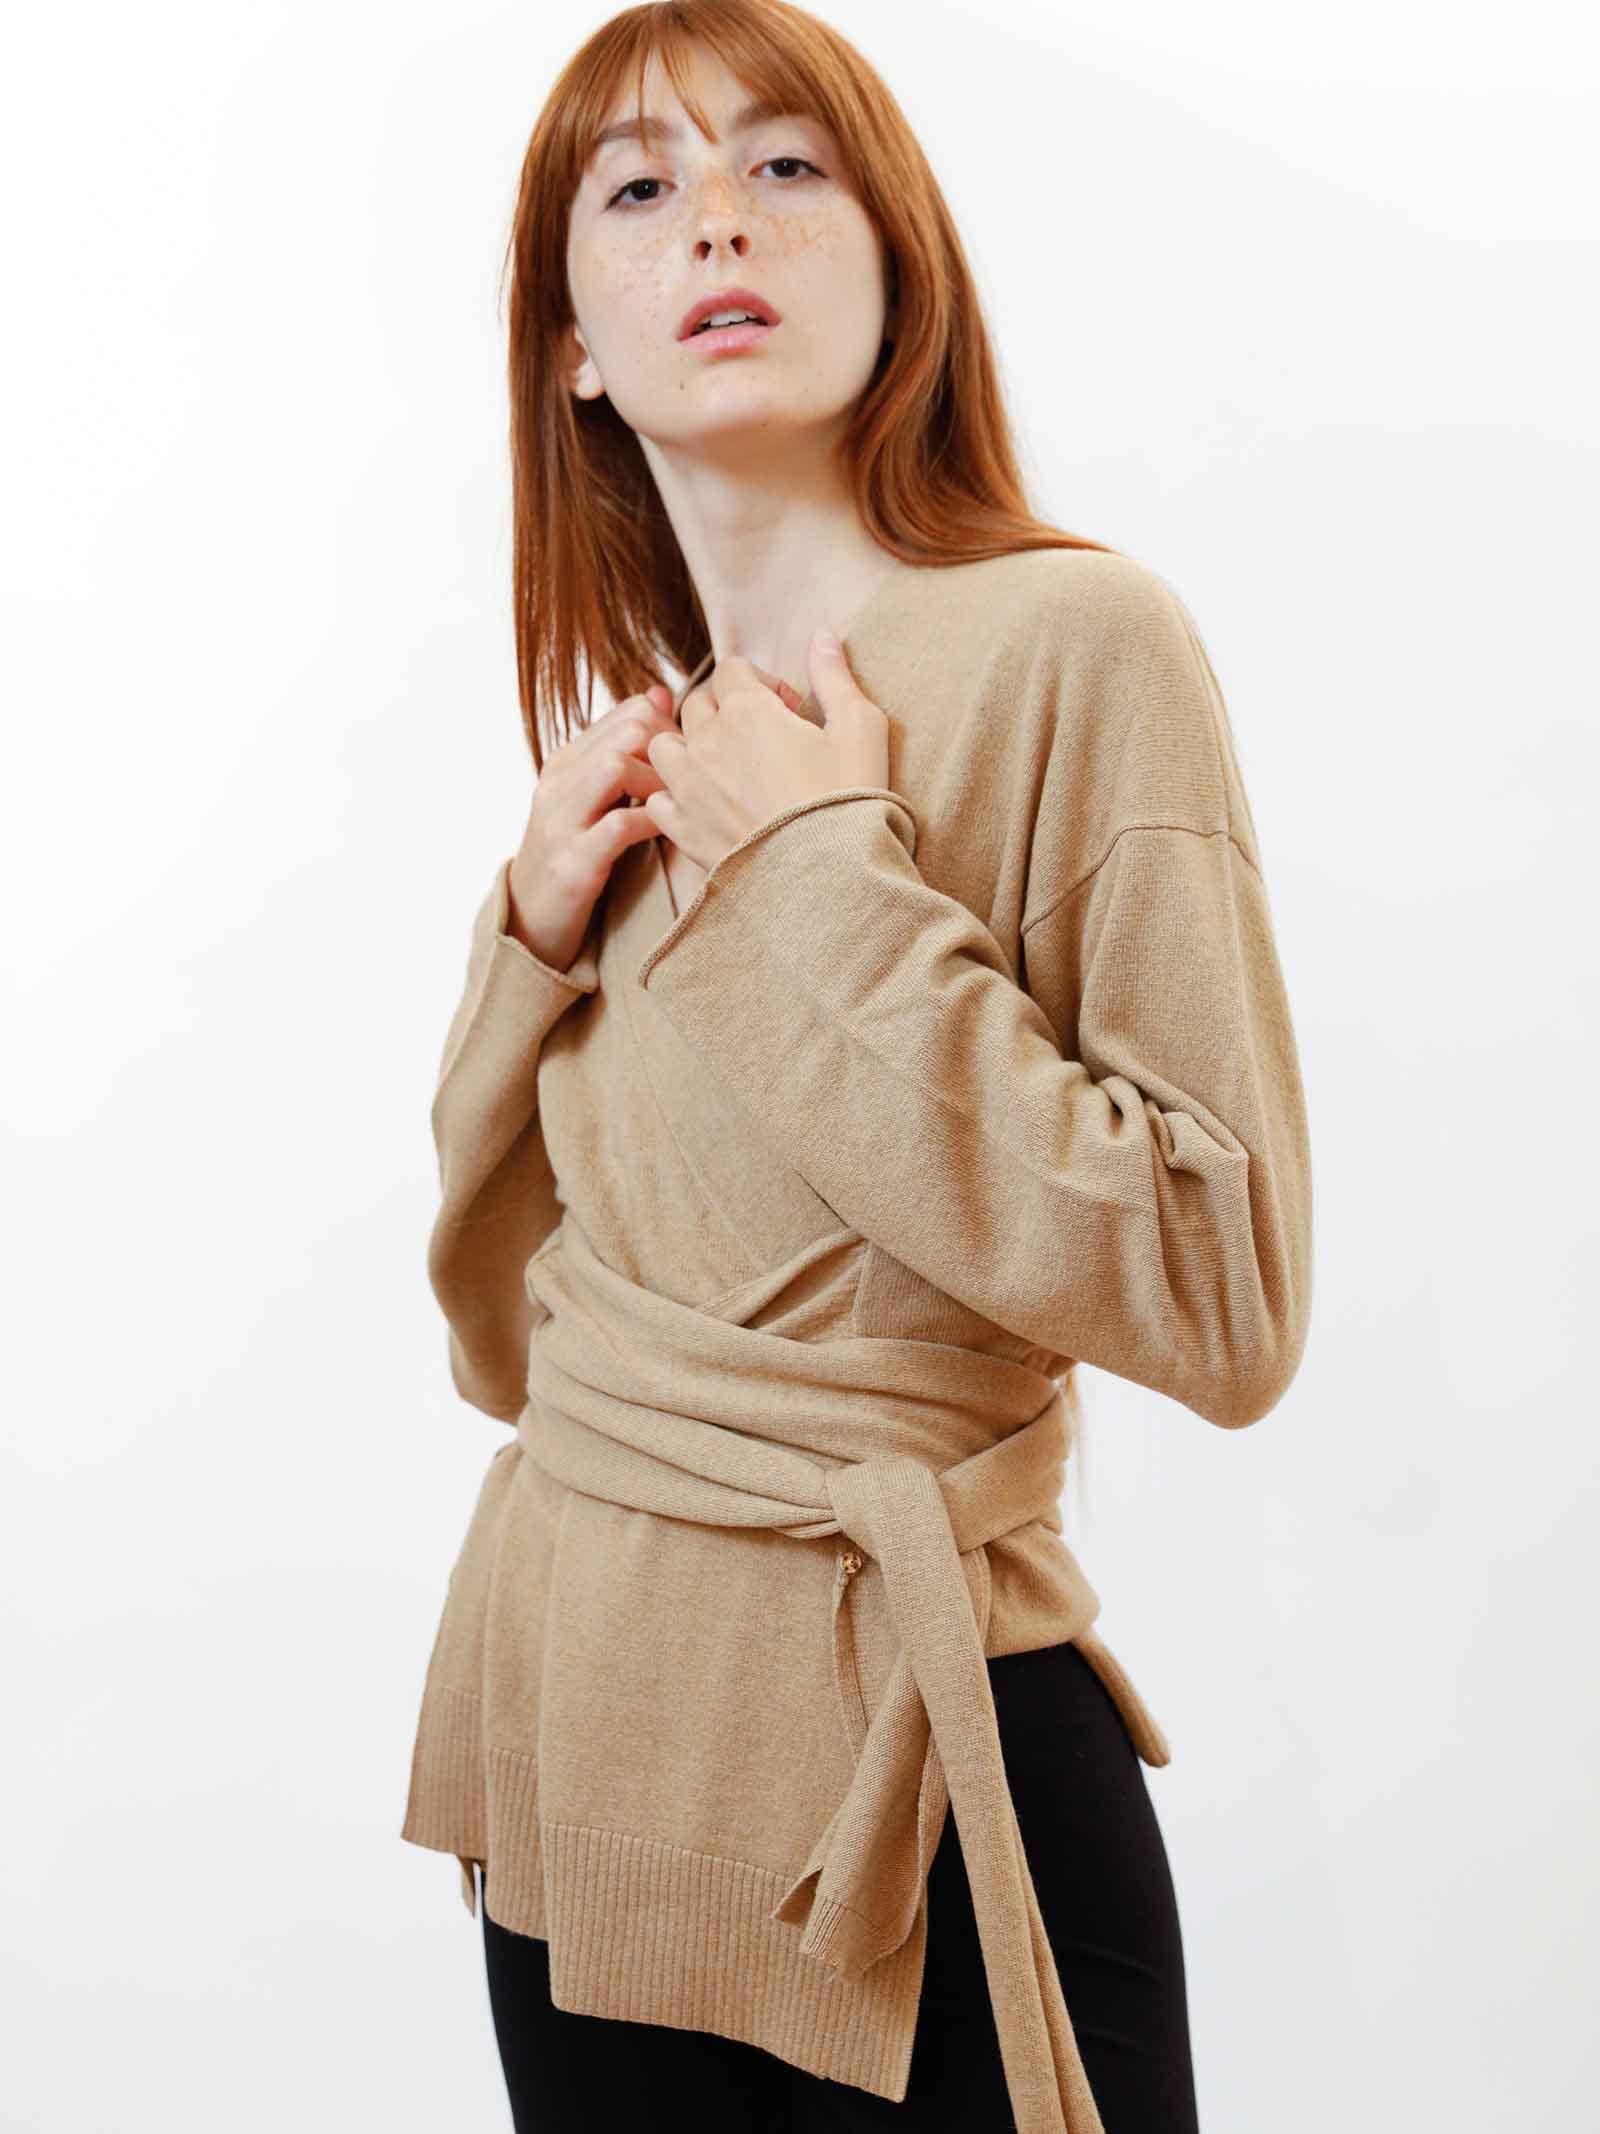 Abbigliamento Donna Cardigan Re-volution in Lana Beige con Cintura in Vita a Tono Maliparmi | Maglieria | JN35847051812035